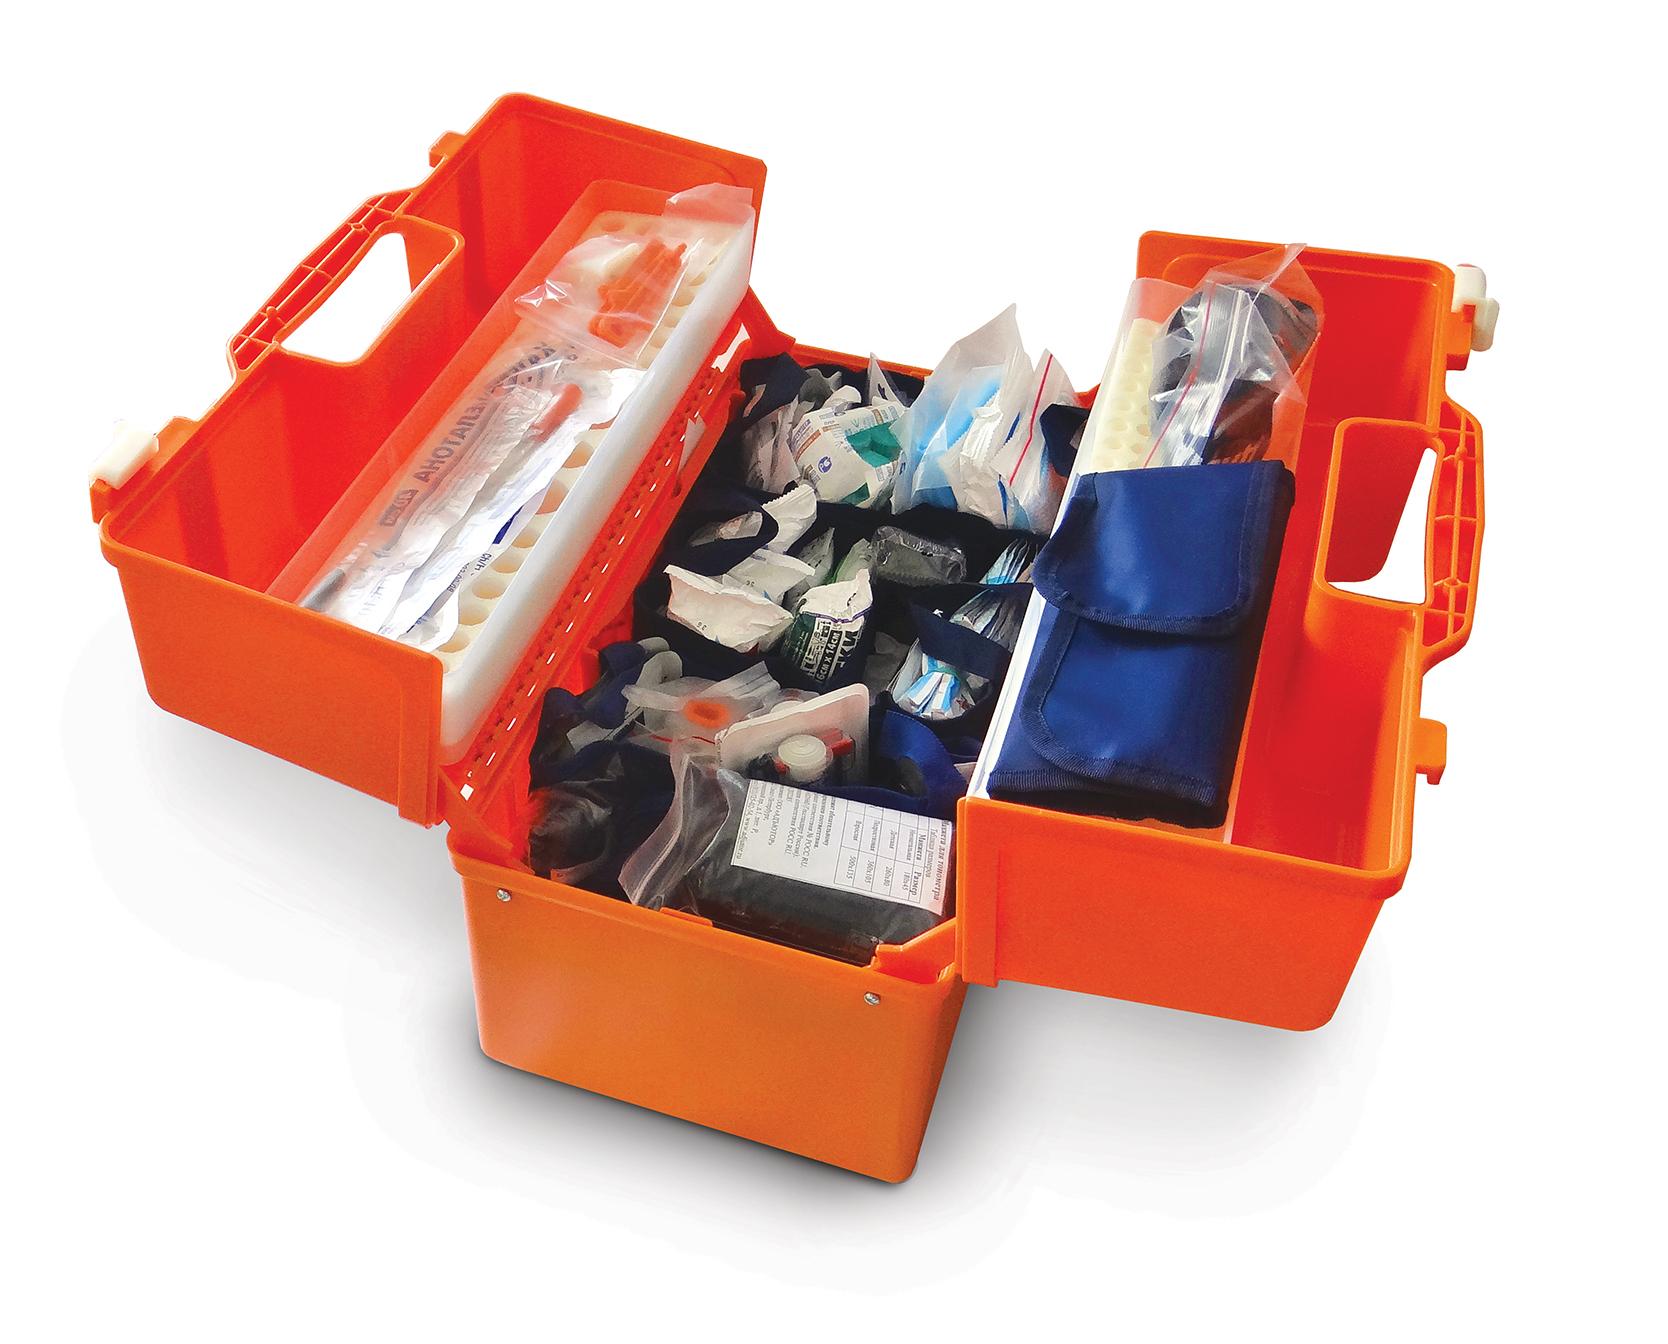 Укладка для оказания скорой медицинской помощи УМСП-02-«МЕДПЛАНТ» общепрофильная / специализированная (общепрофильная) в укладке УМСП-01-Пм/2